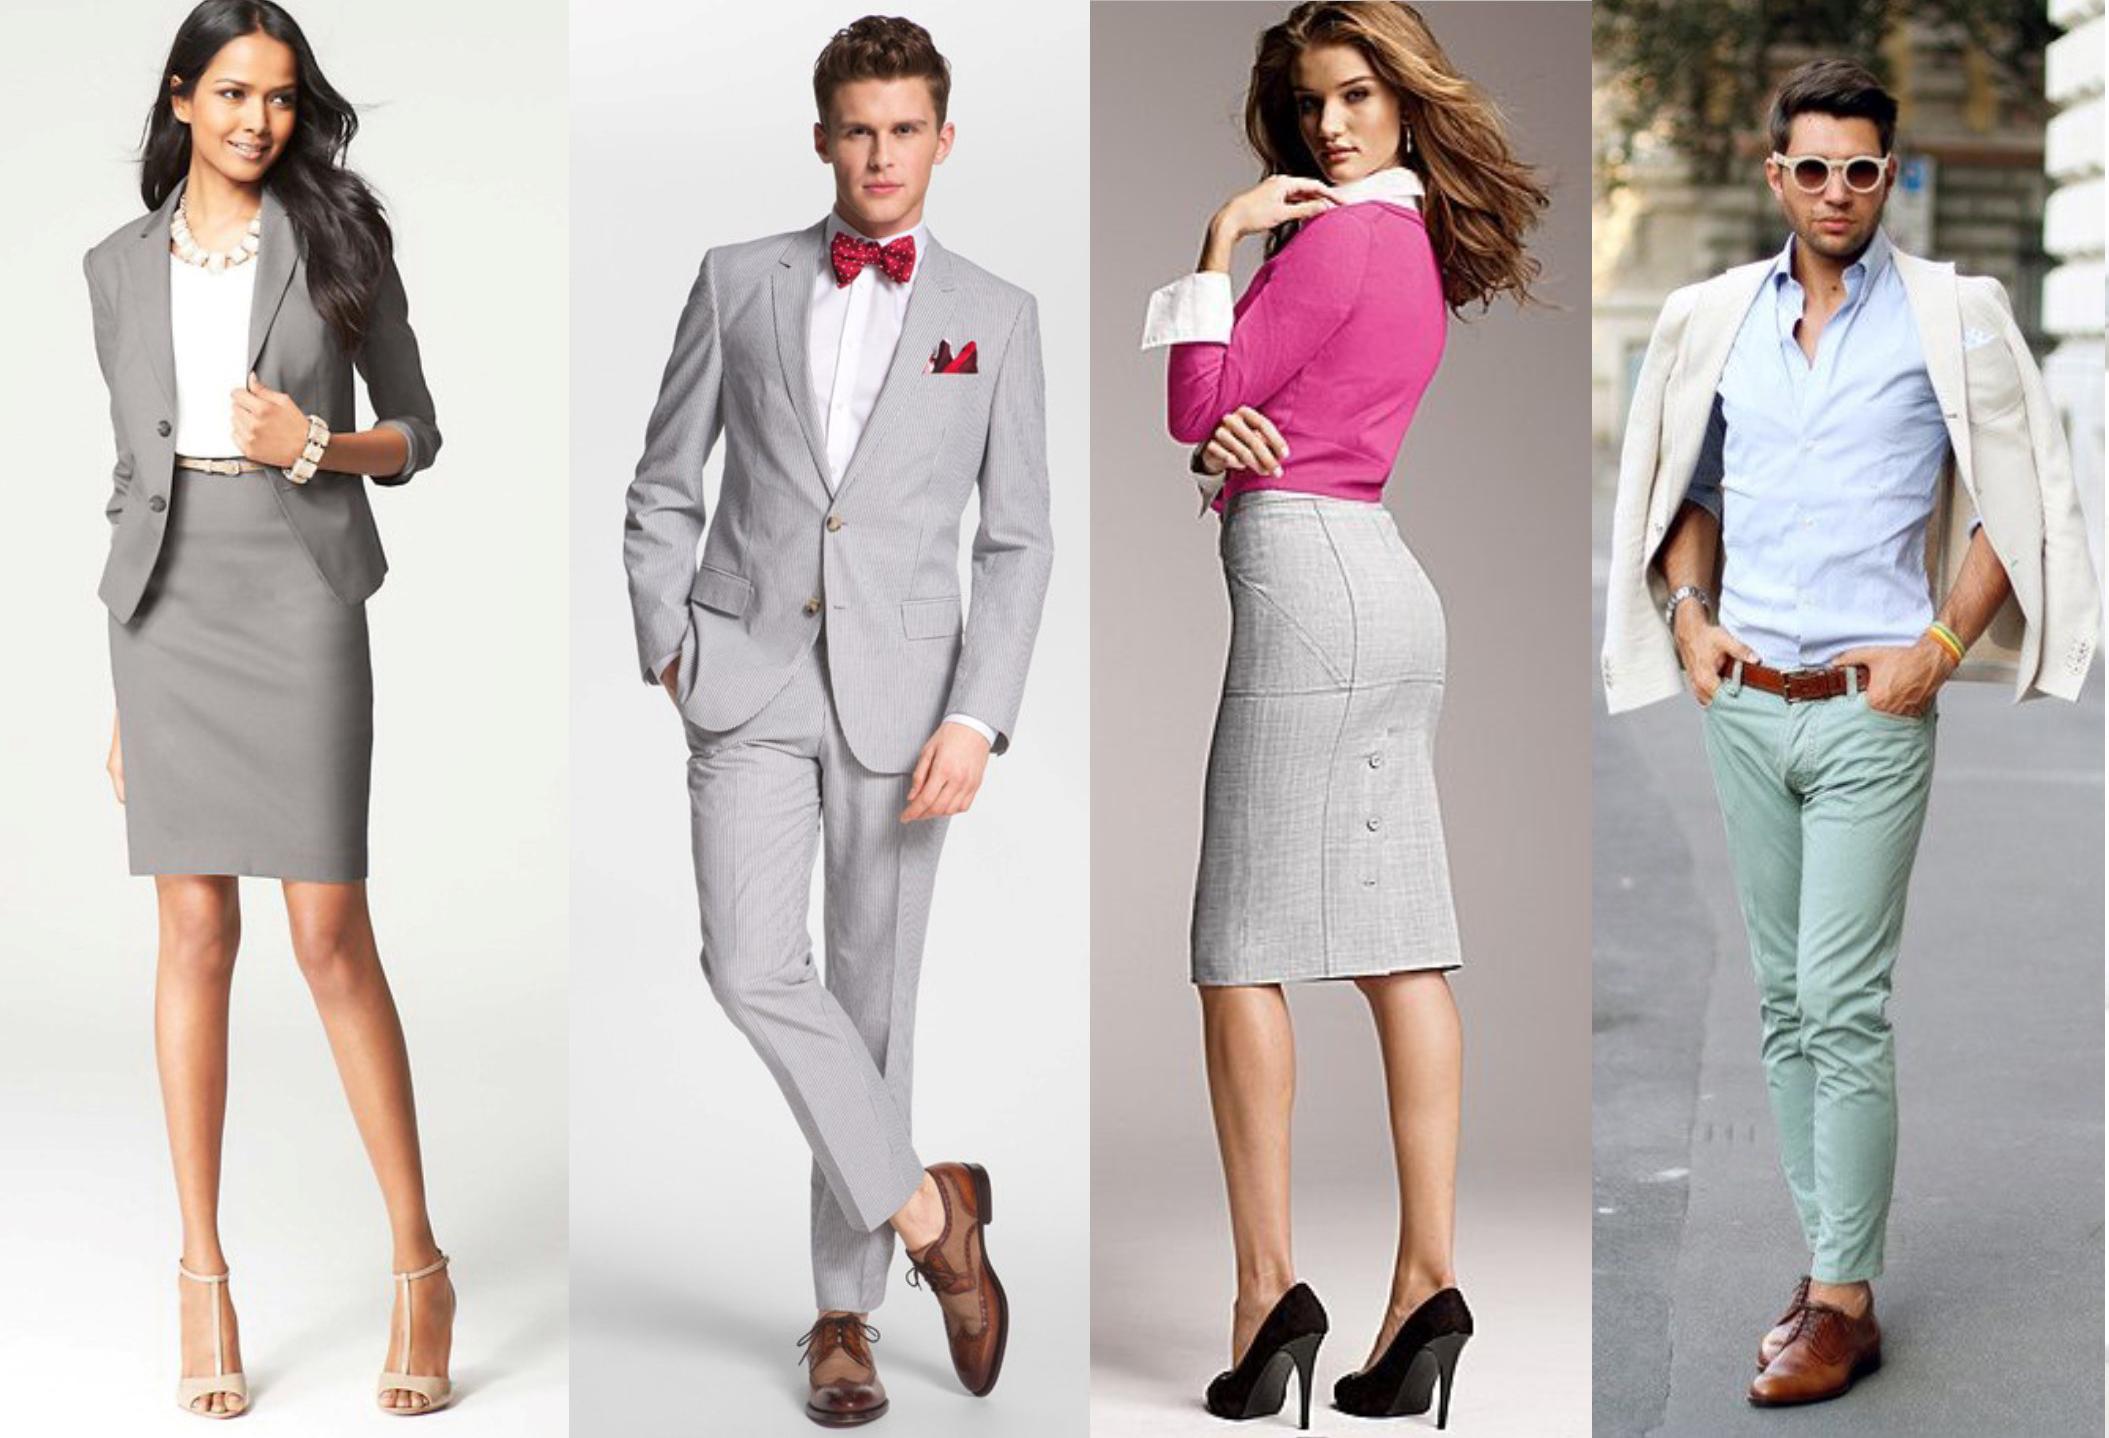 dress code clanokkk